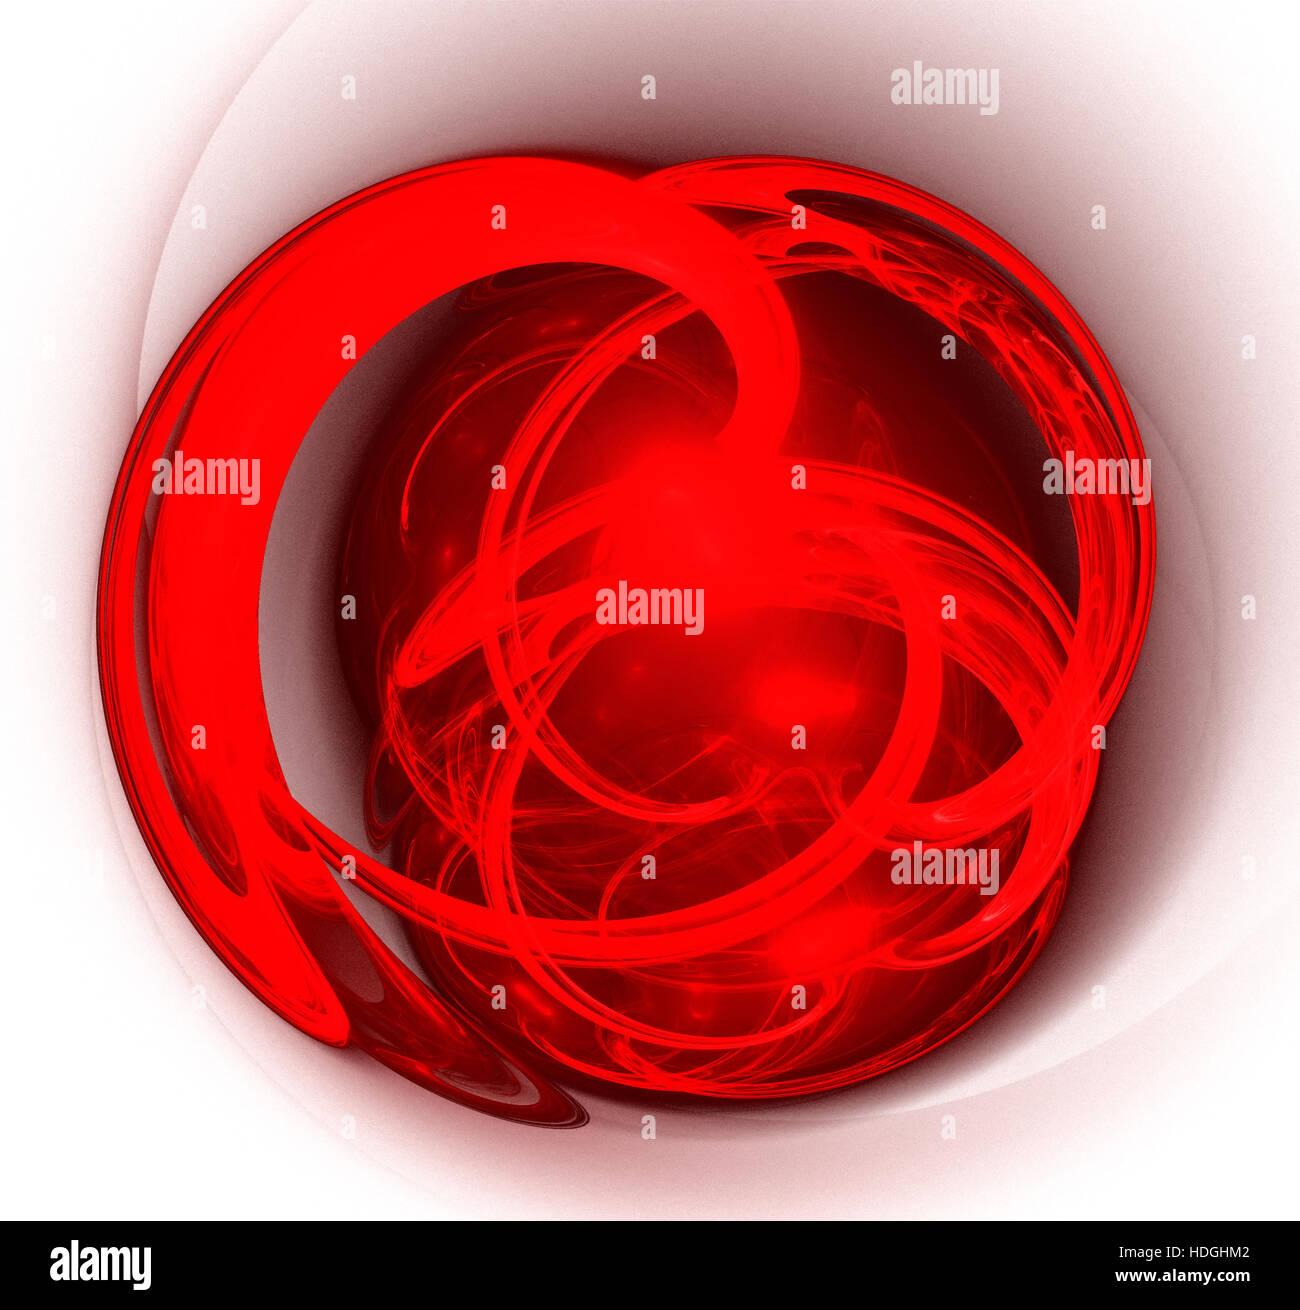 Larte Astratta Cuore Rosso Sfondo Wallpaper Foto Immagine